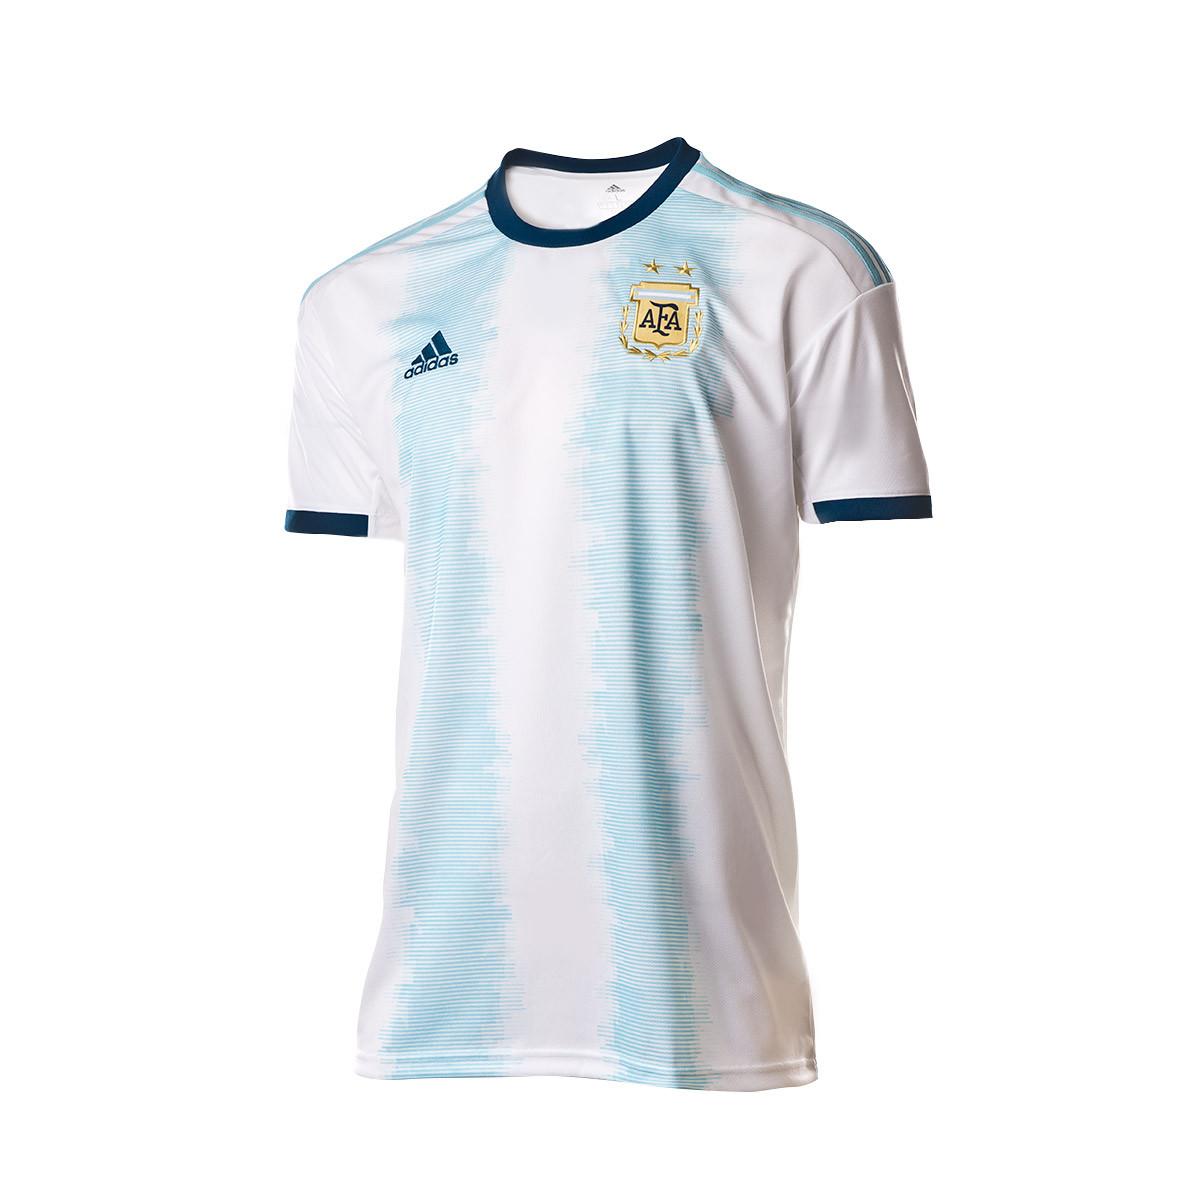 48700abde Jersey adidas Argentina 2019 Home White-Light aqua - Football store Fútbol  Emotion